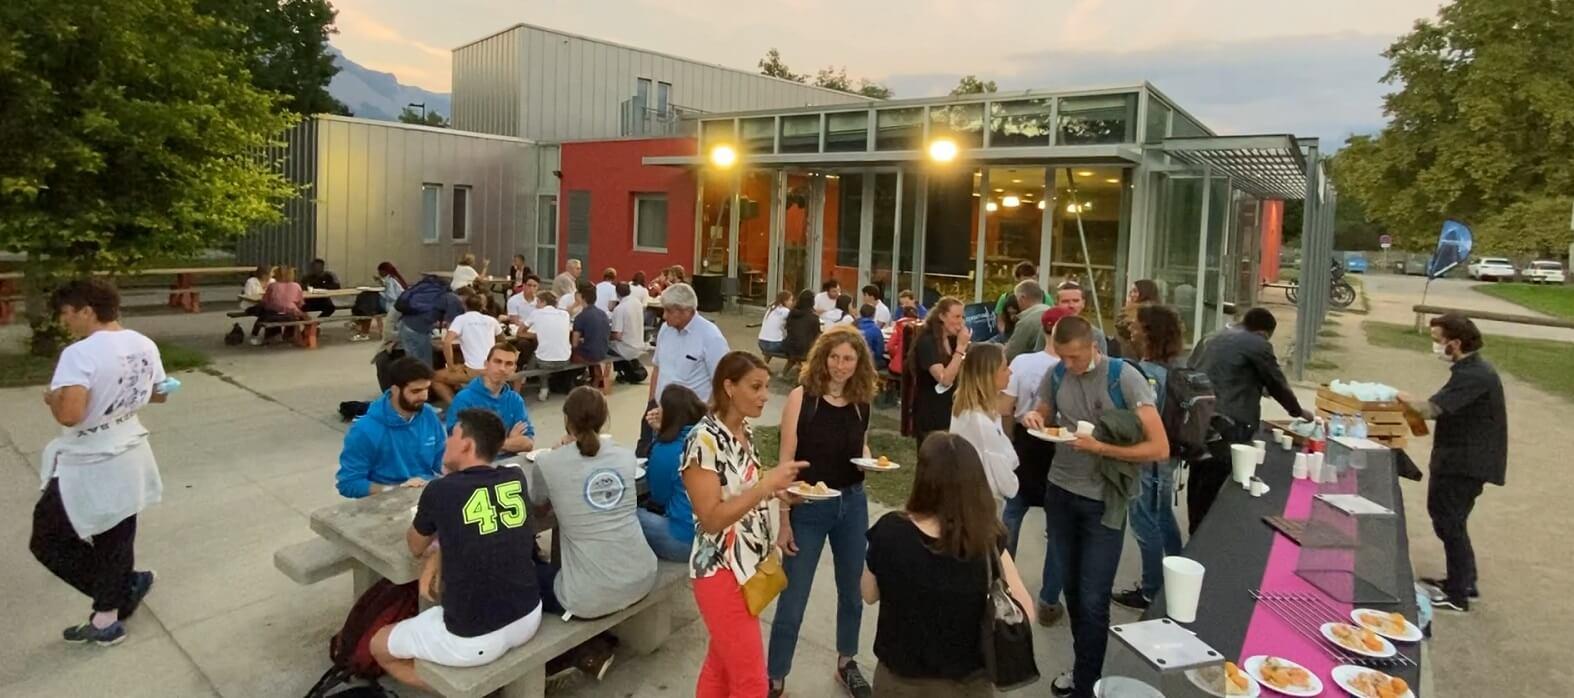 IN'Party, la soirée des boursiers de la Fondation Grenoble INP fait son grand retour